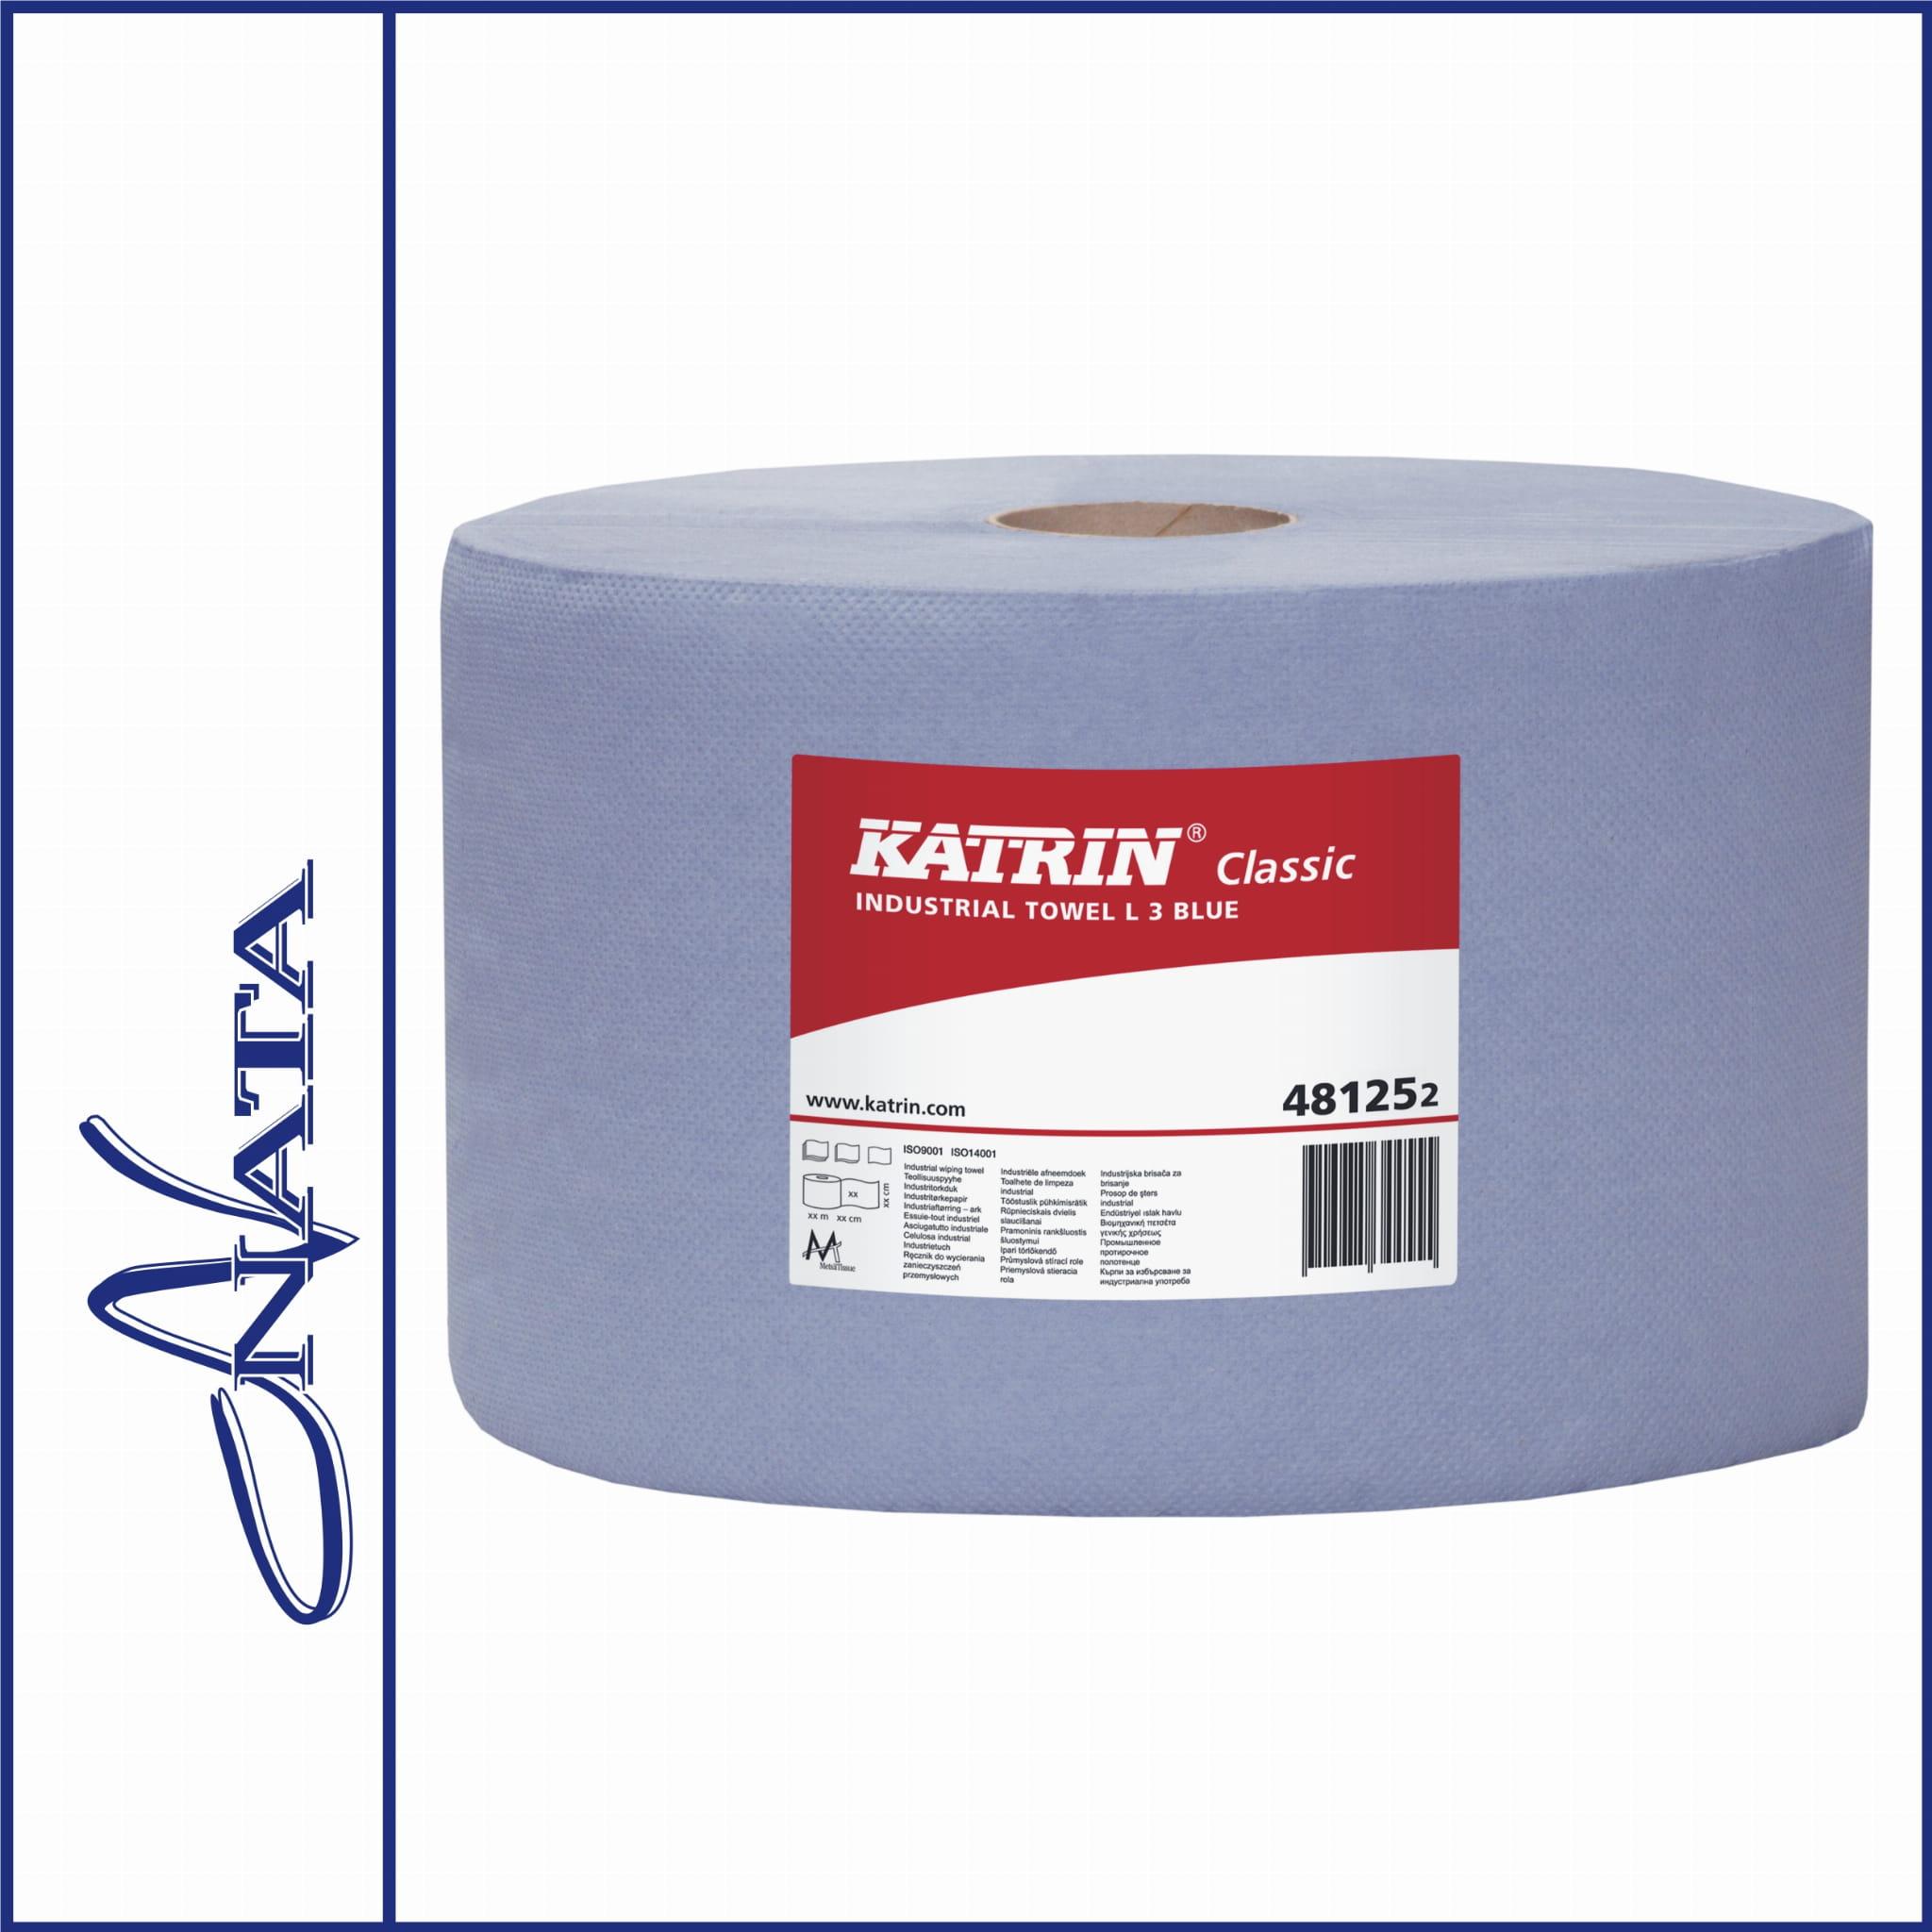 Czyściwo Katrin Classic L3 Blue 481252